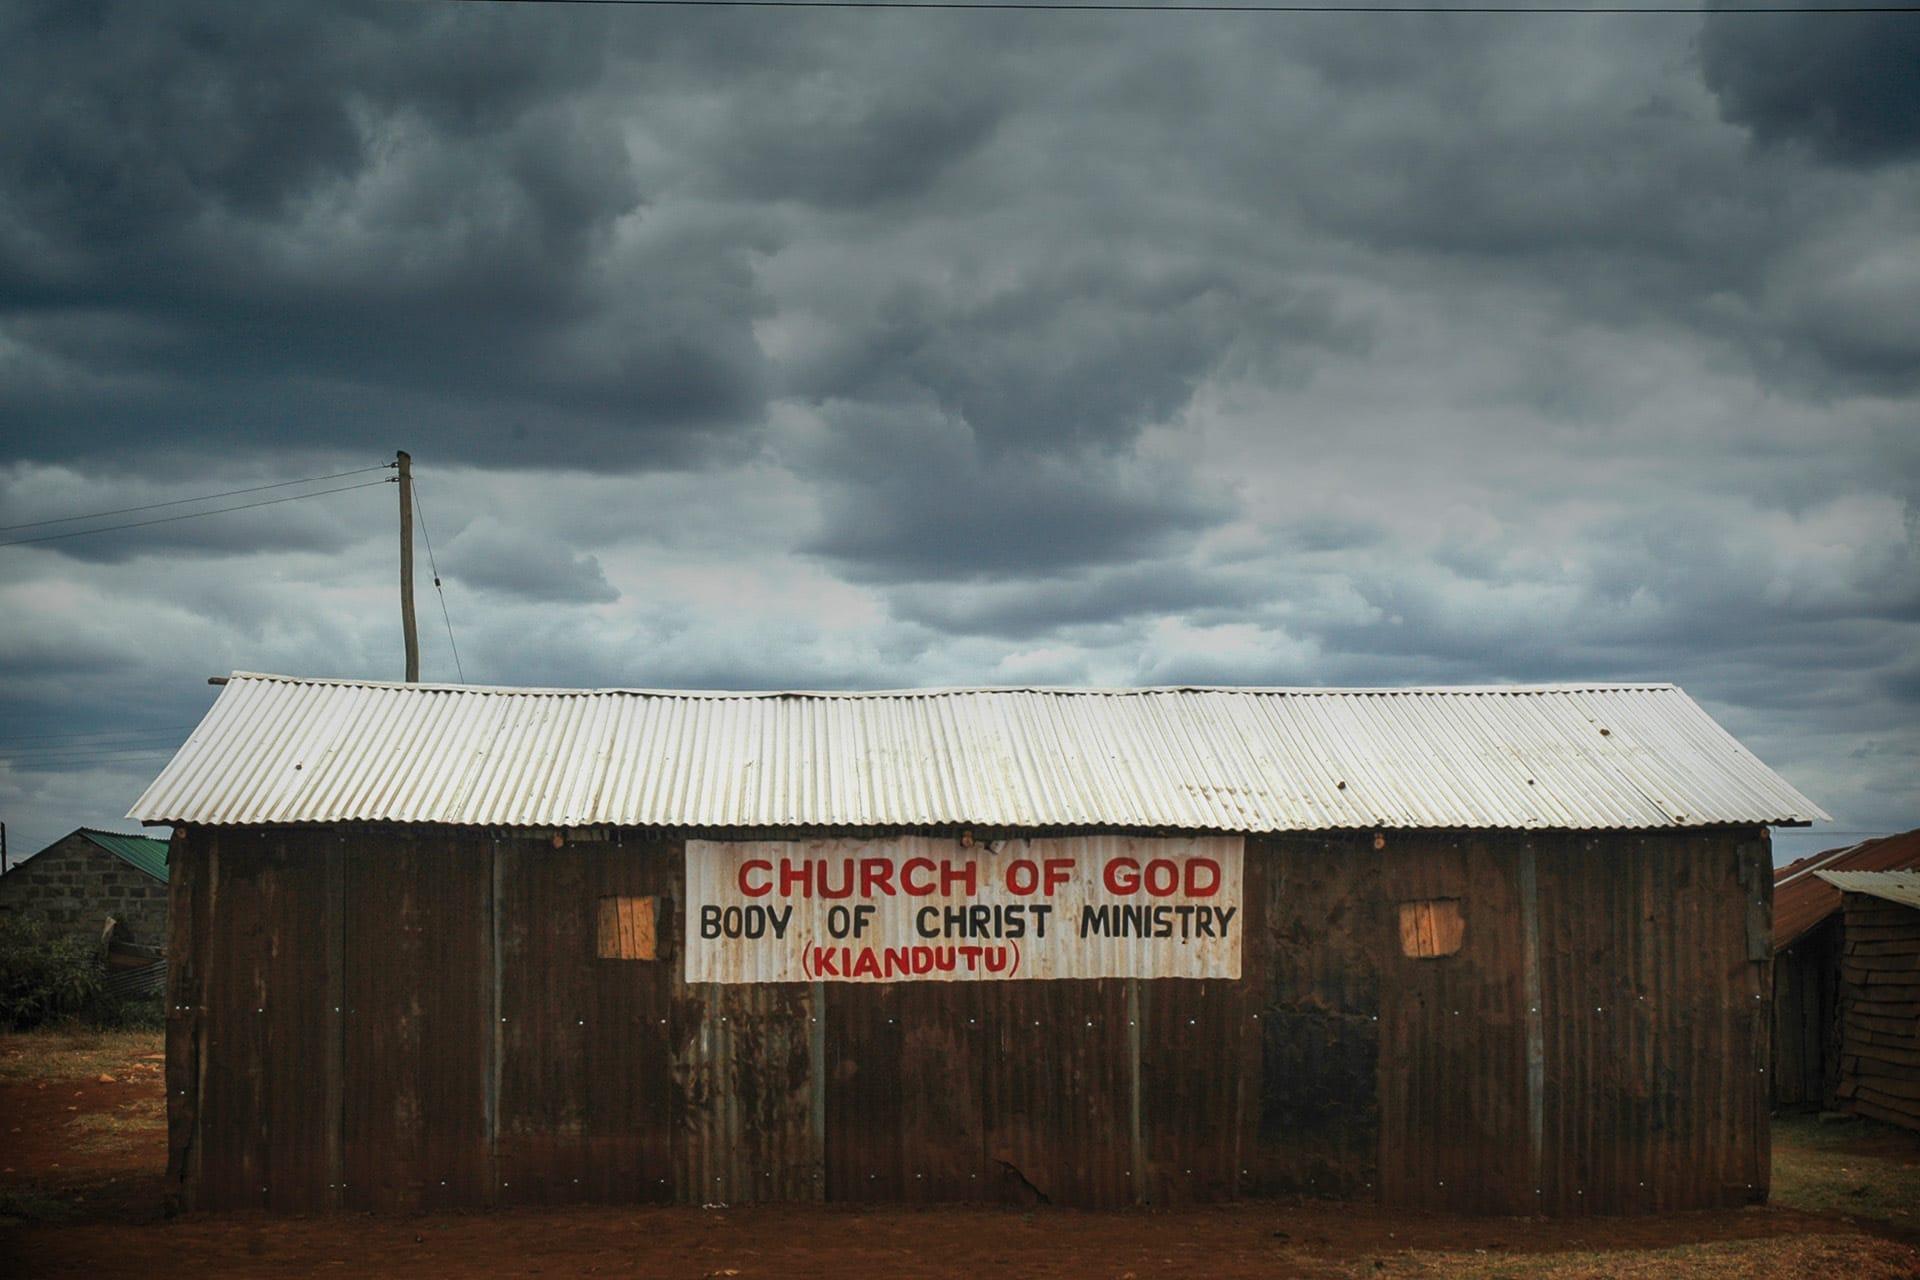 Là-bas / Church of God